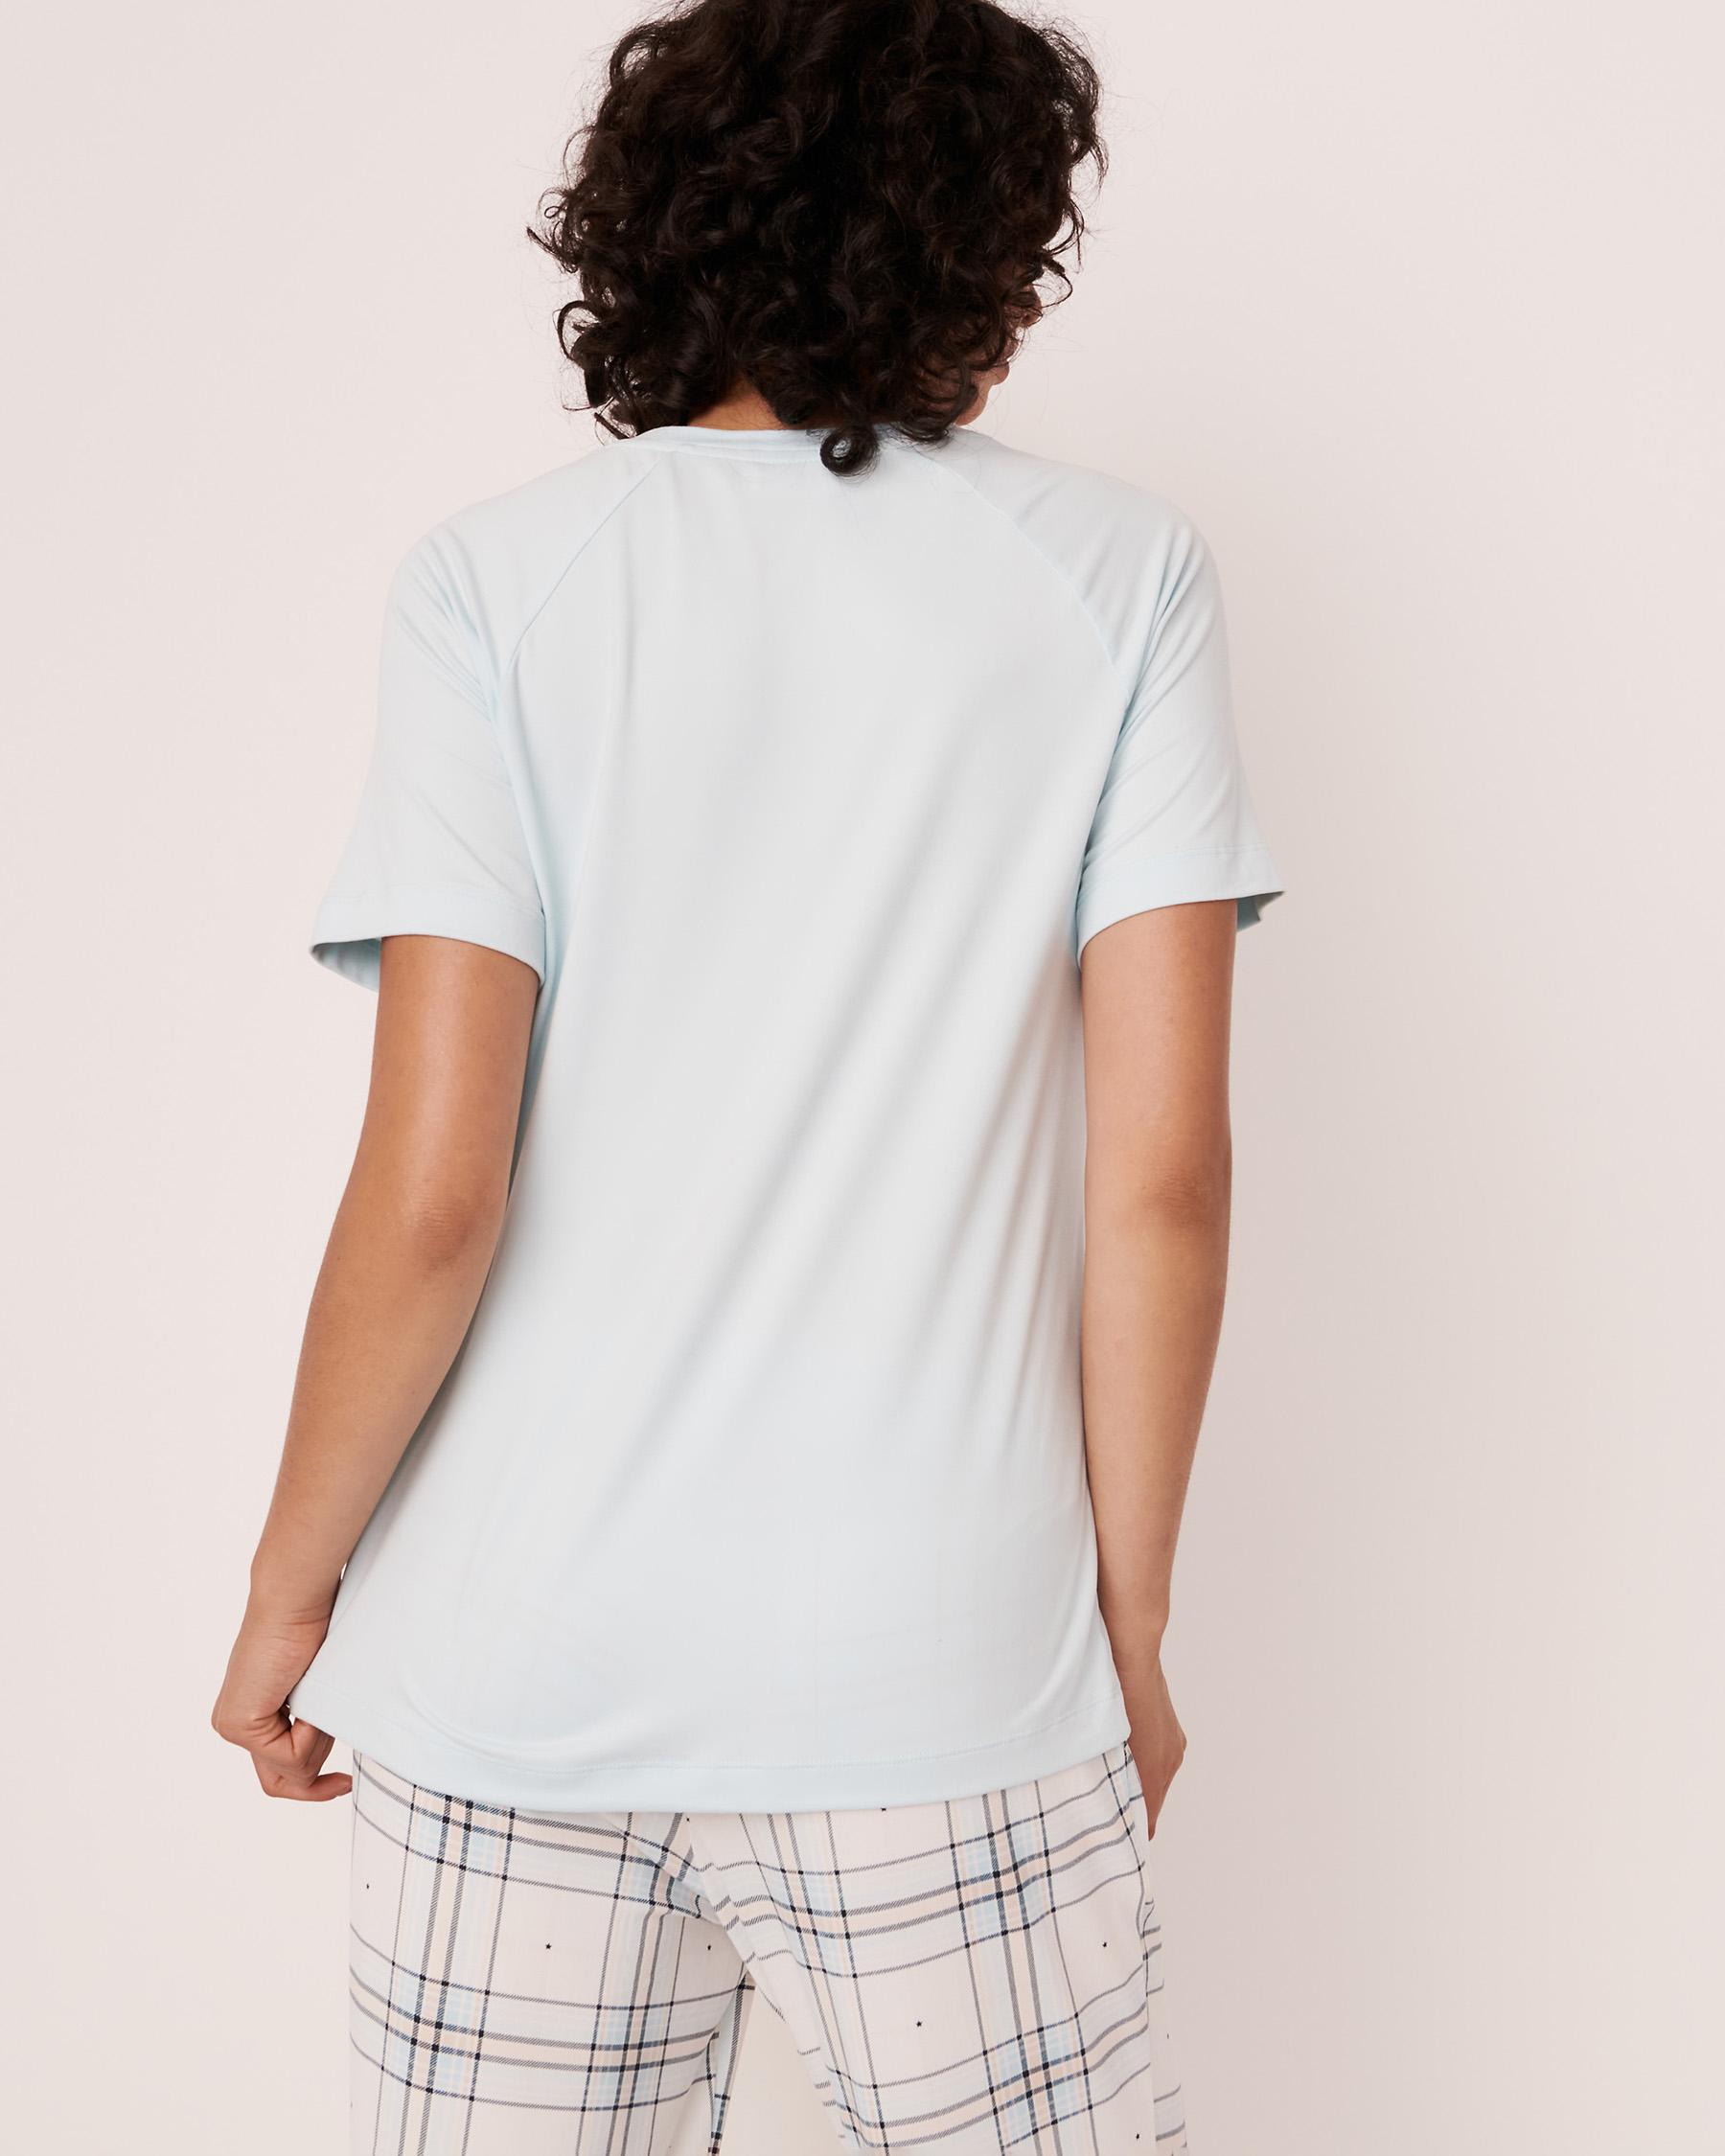 LA VIE EN ROSE Chandail manches courtes imprimé en peluche Lueur bleue 40100140 - Voir2